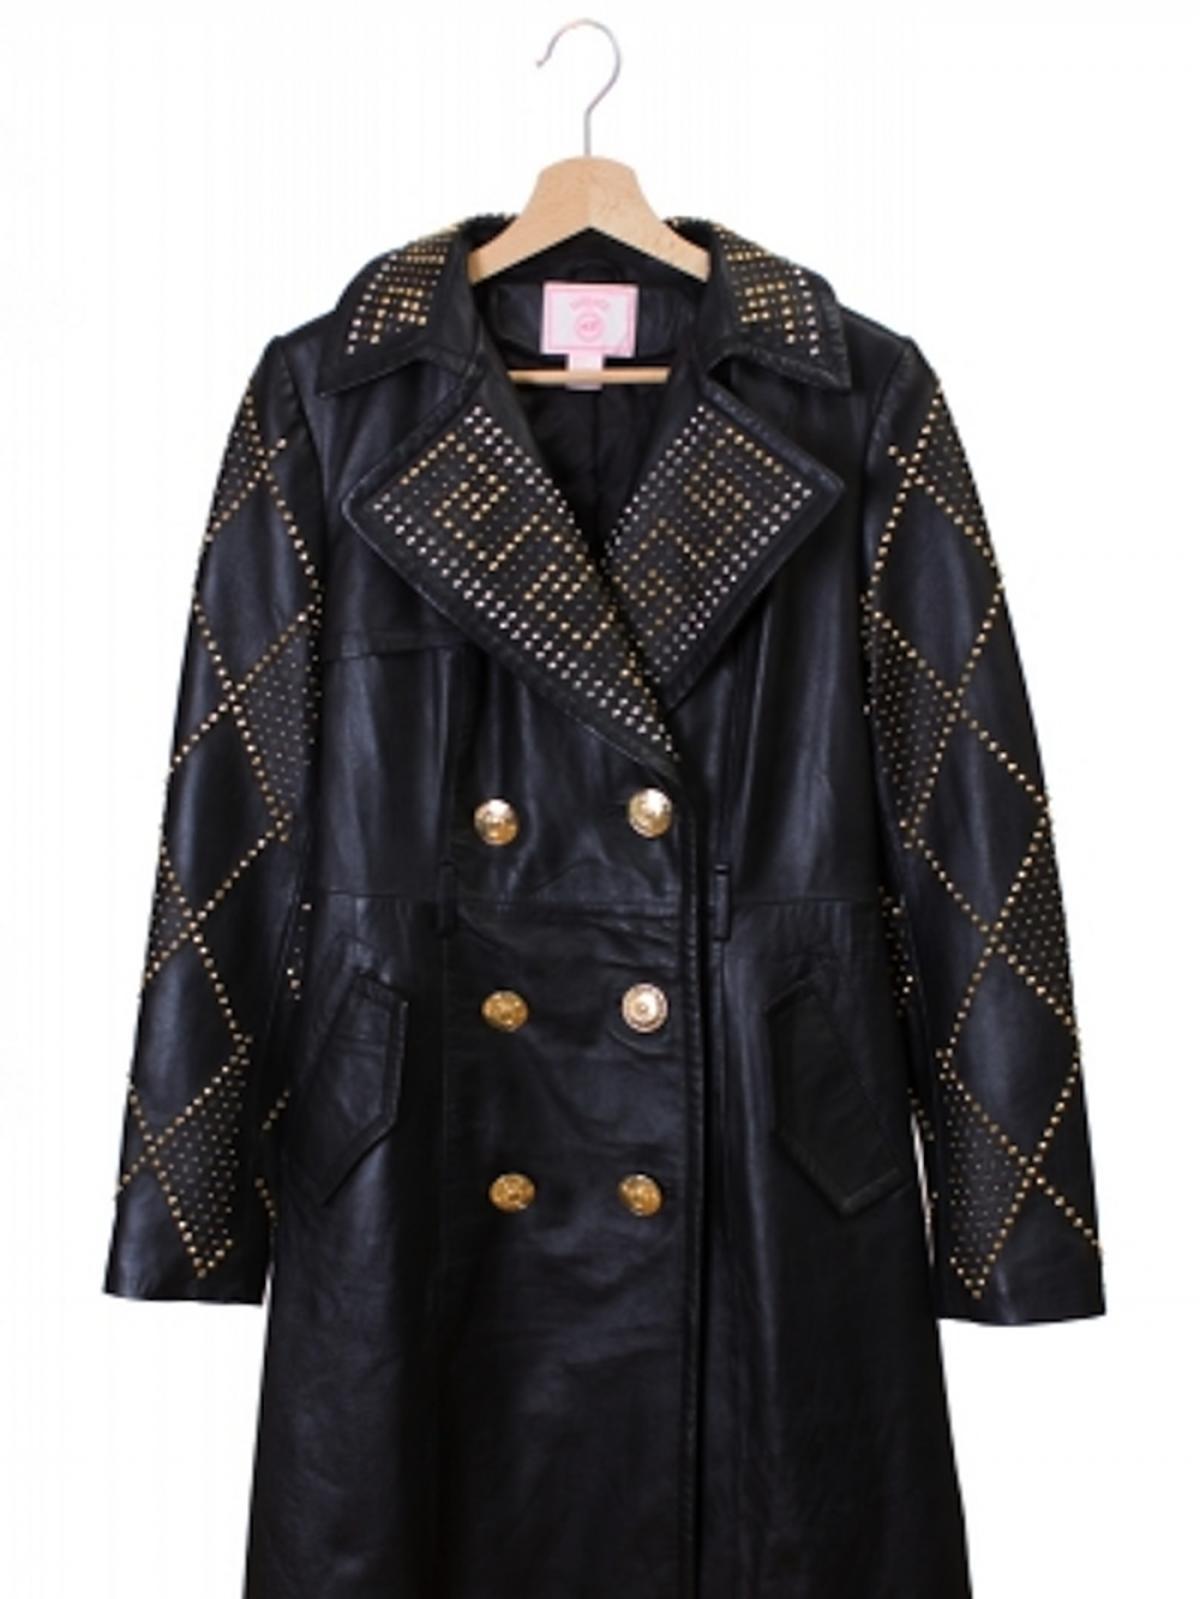 Skórzany płaszcz Versace, 2492 zł